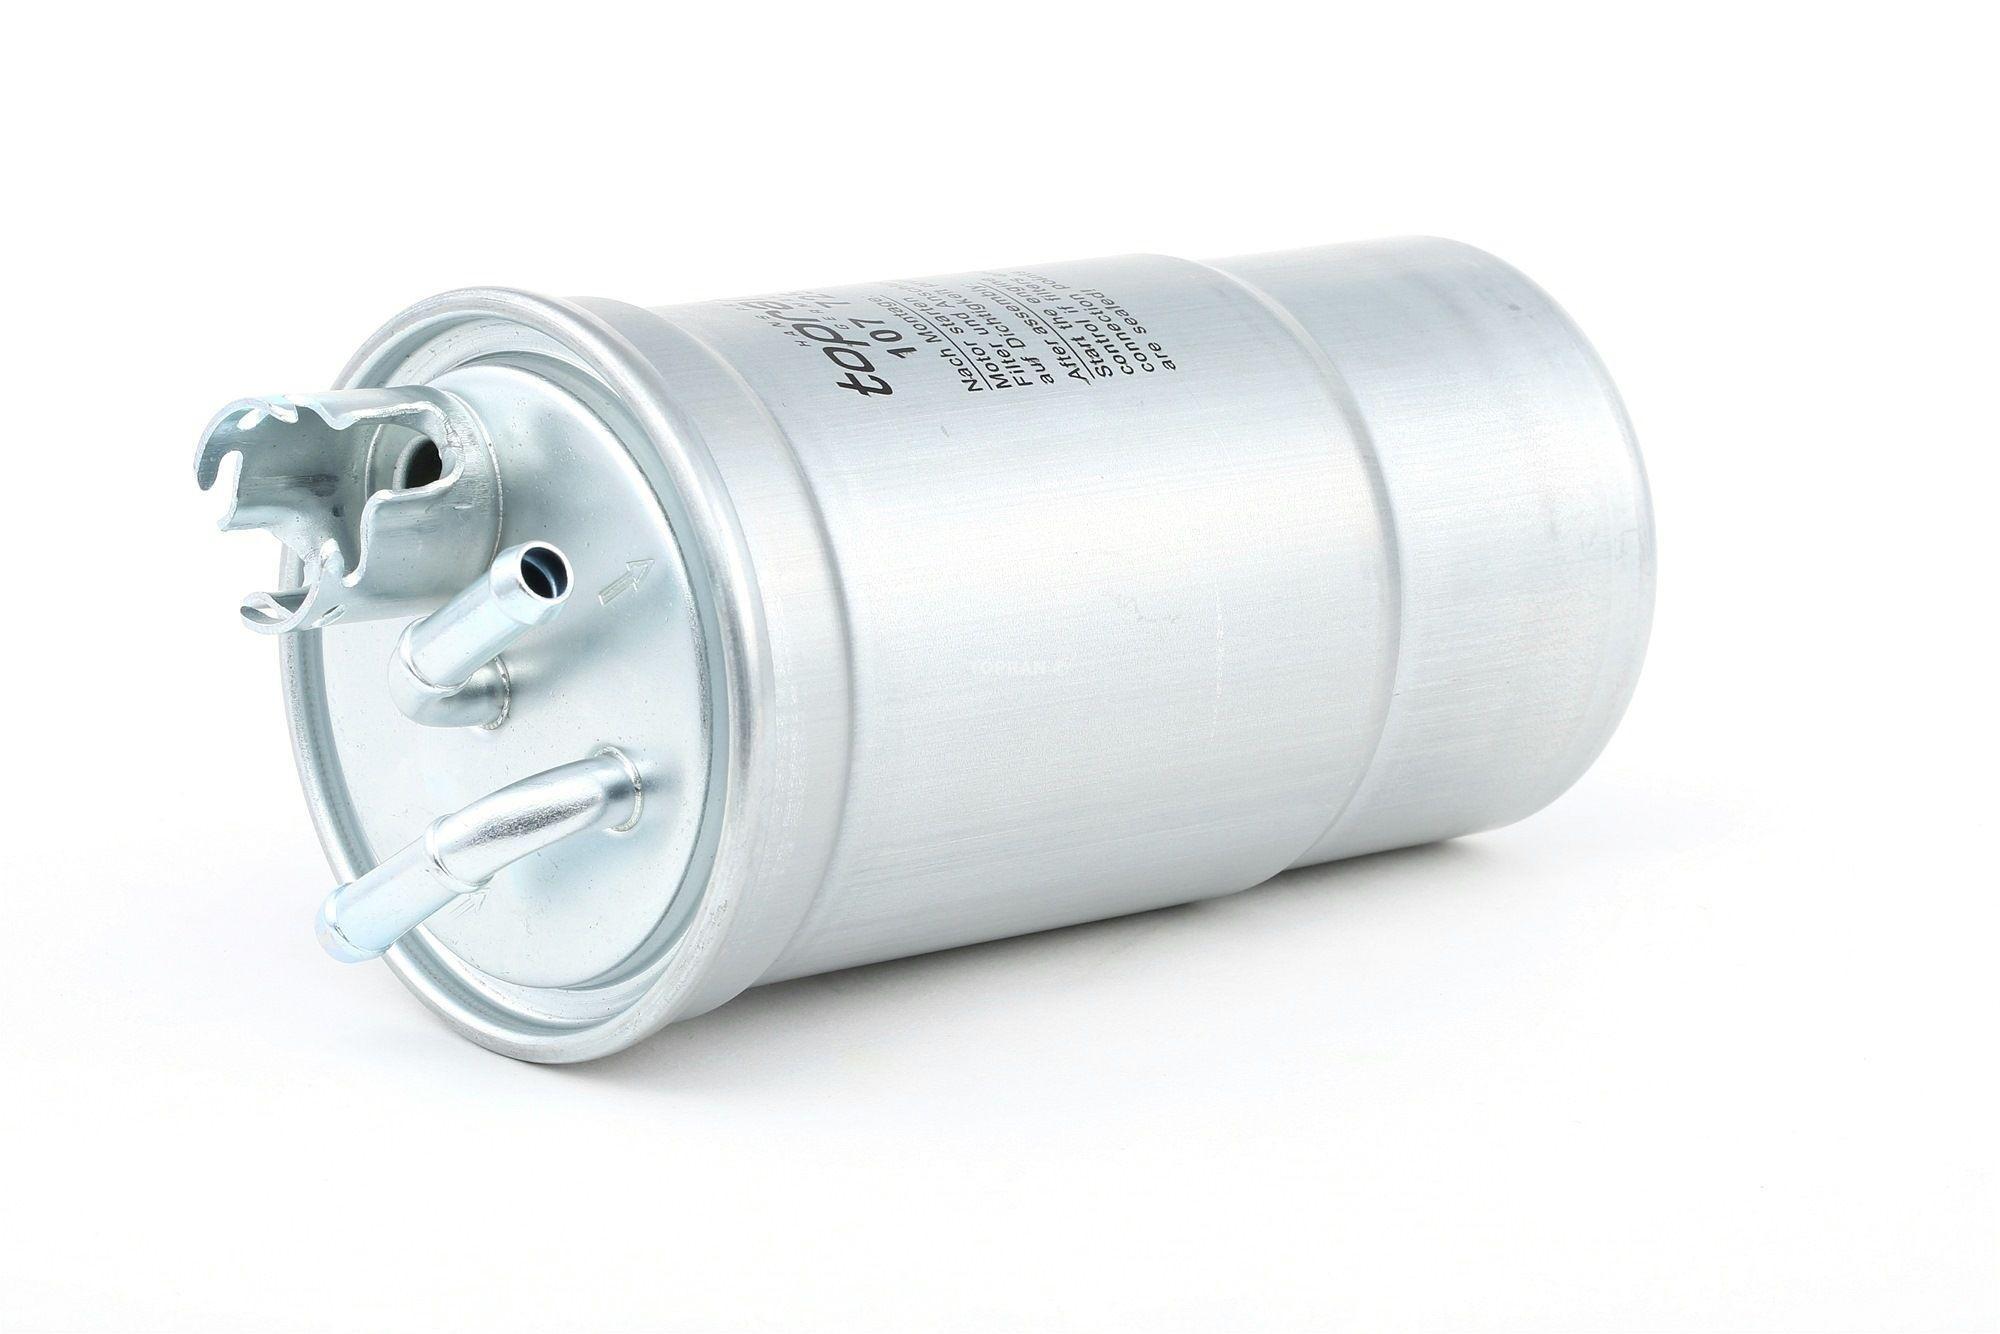 Palivový filtr 107 725 s vynikajícím poměrem mezi cenou a TOPRAN kvalitou